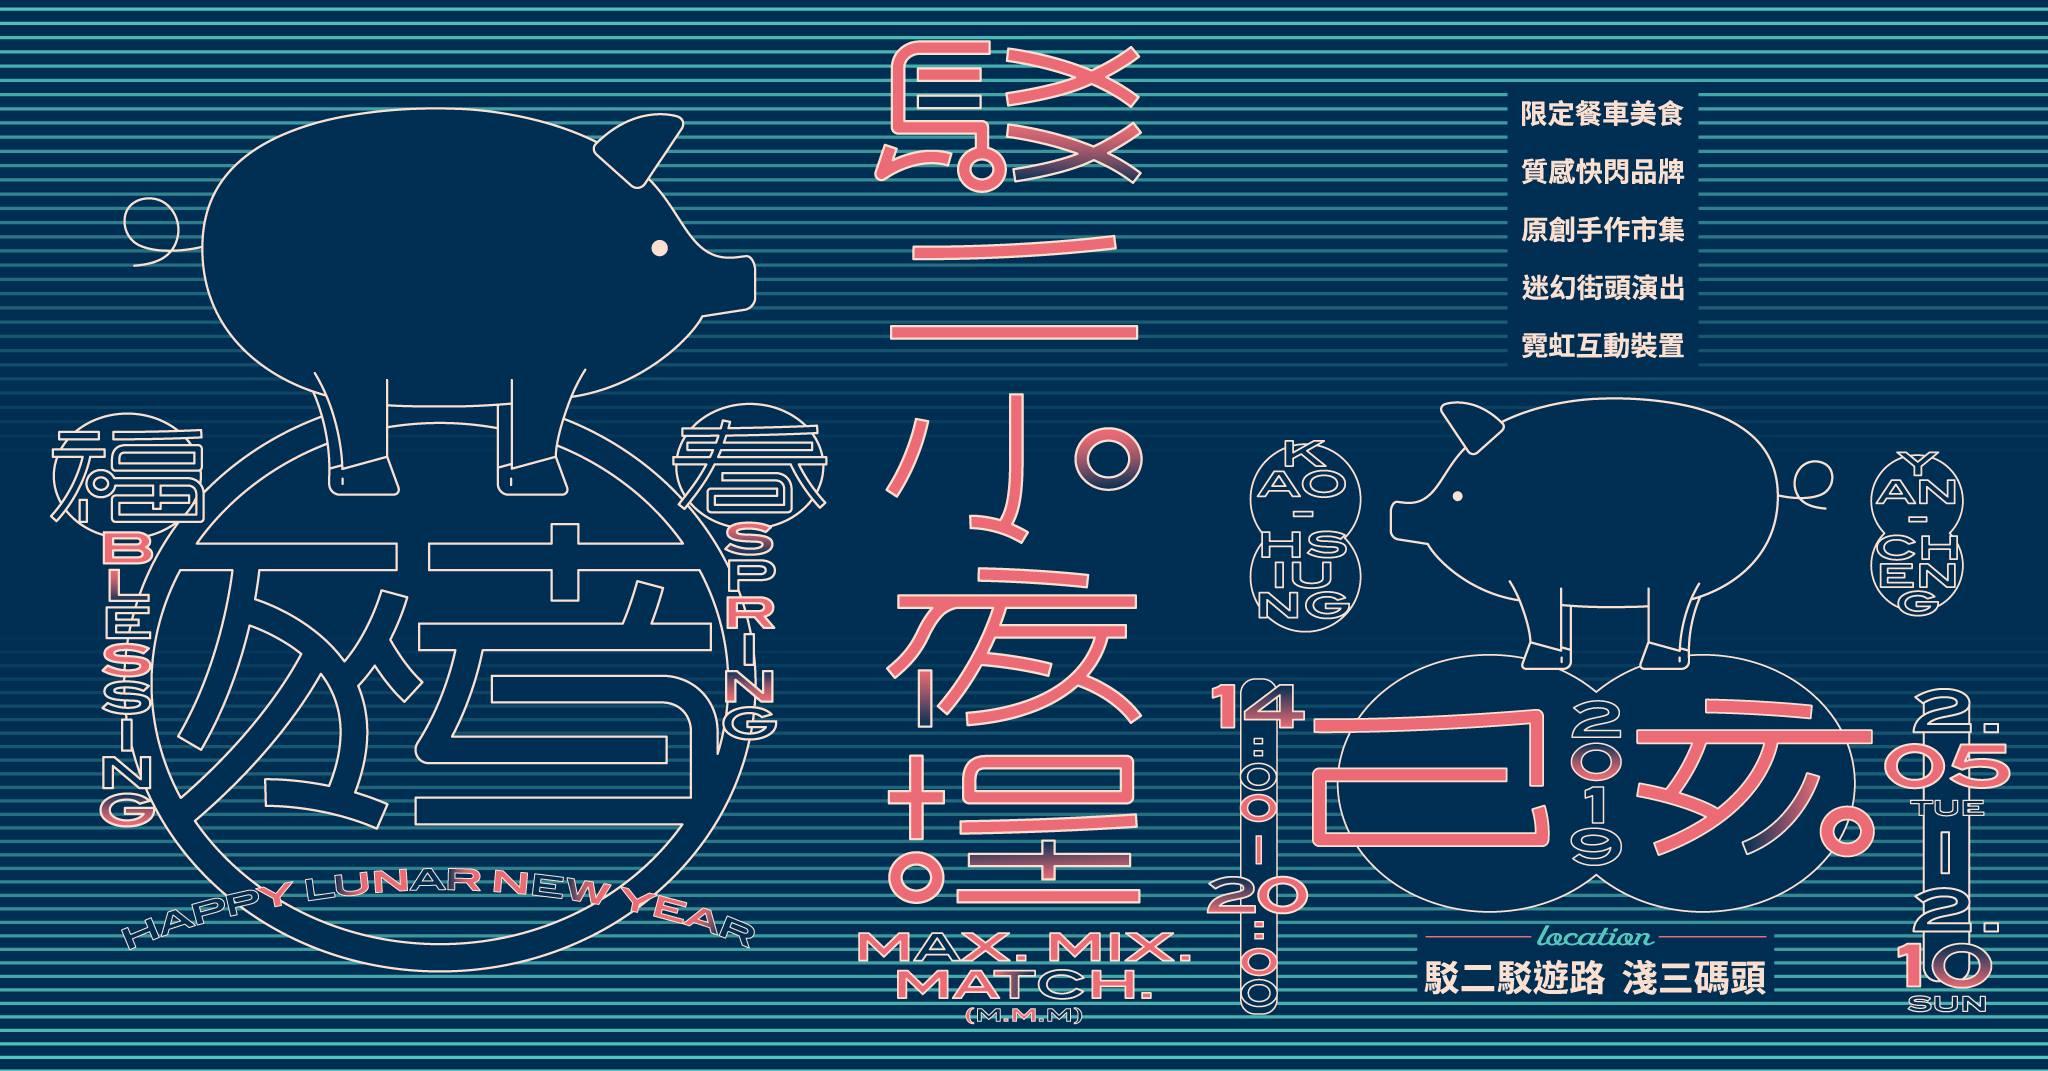 2019駁二小夜埕 max&mix&match-2